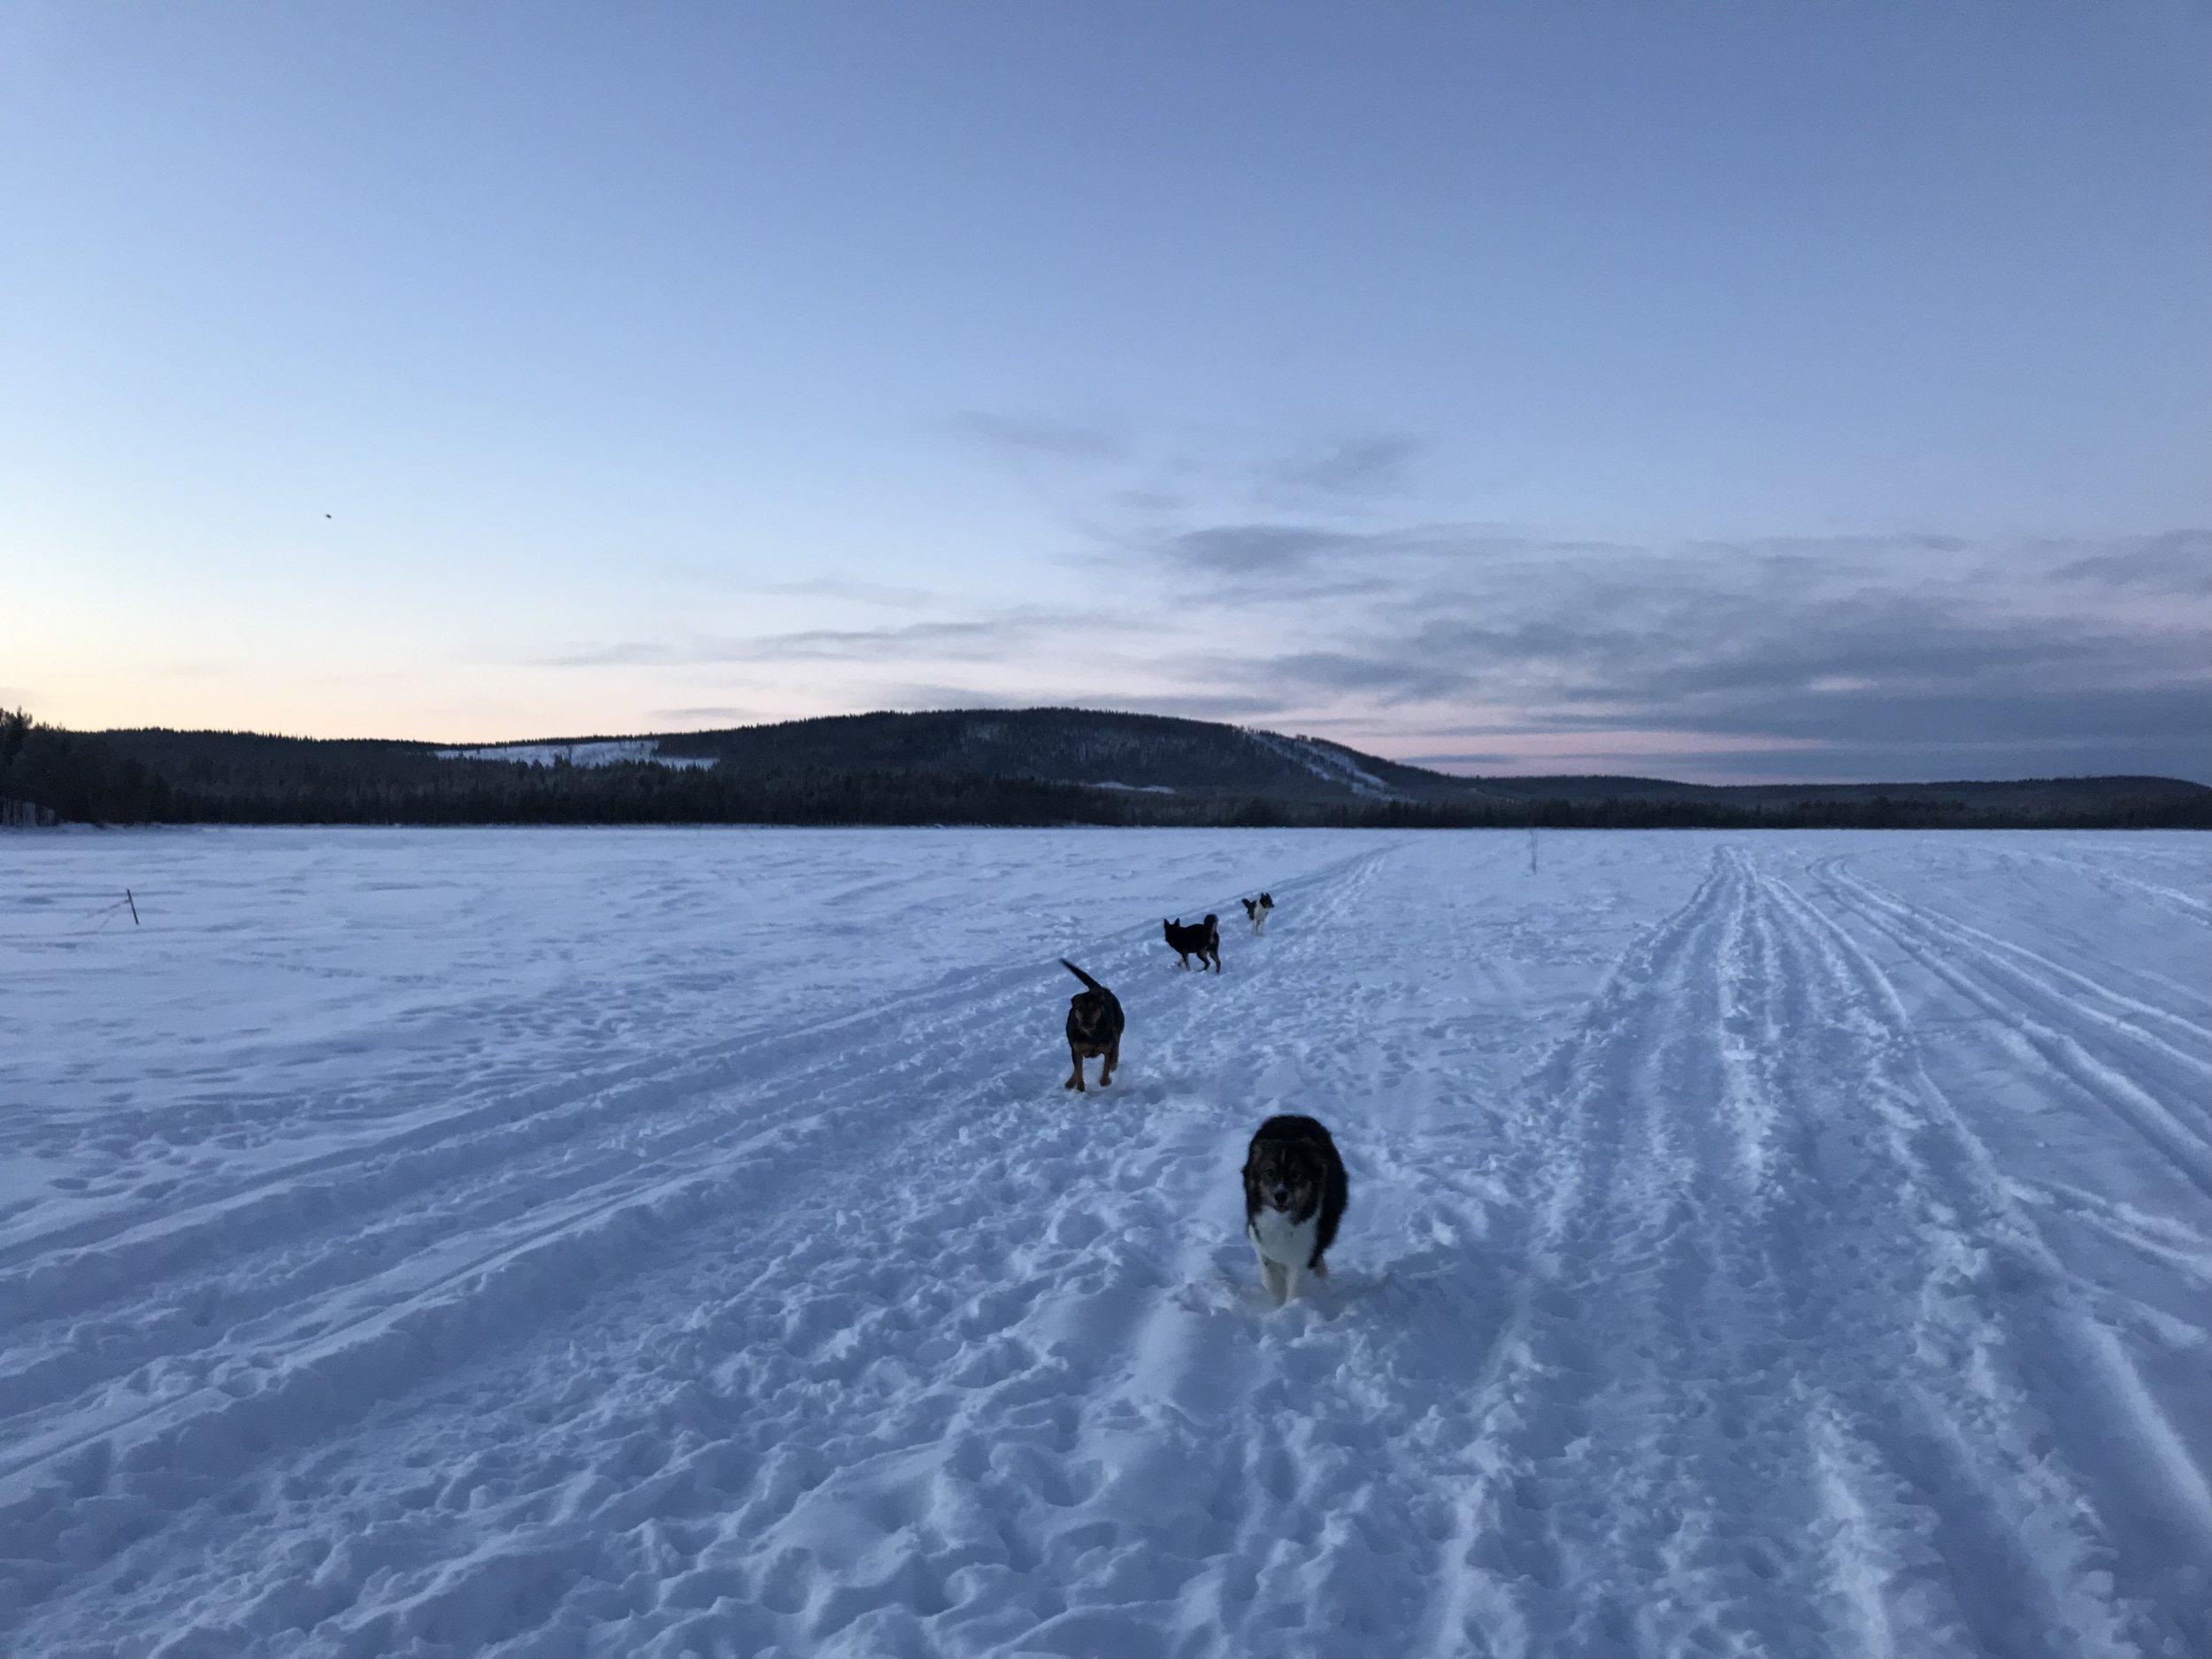 Med hundflocken på Skabramsjön häromveckan. Kalla, högljudda dagar med massa kaos, spring och lek.